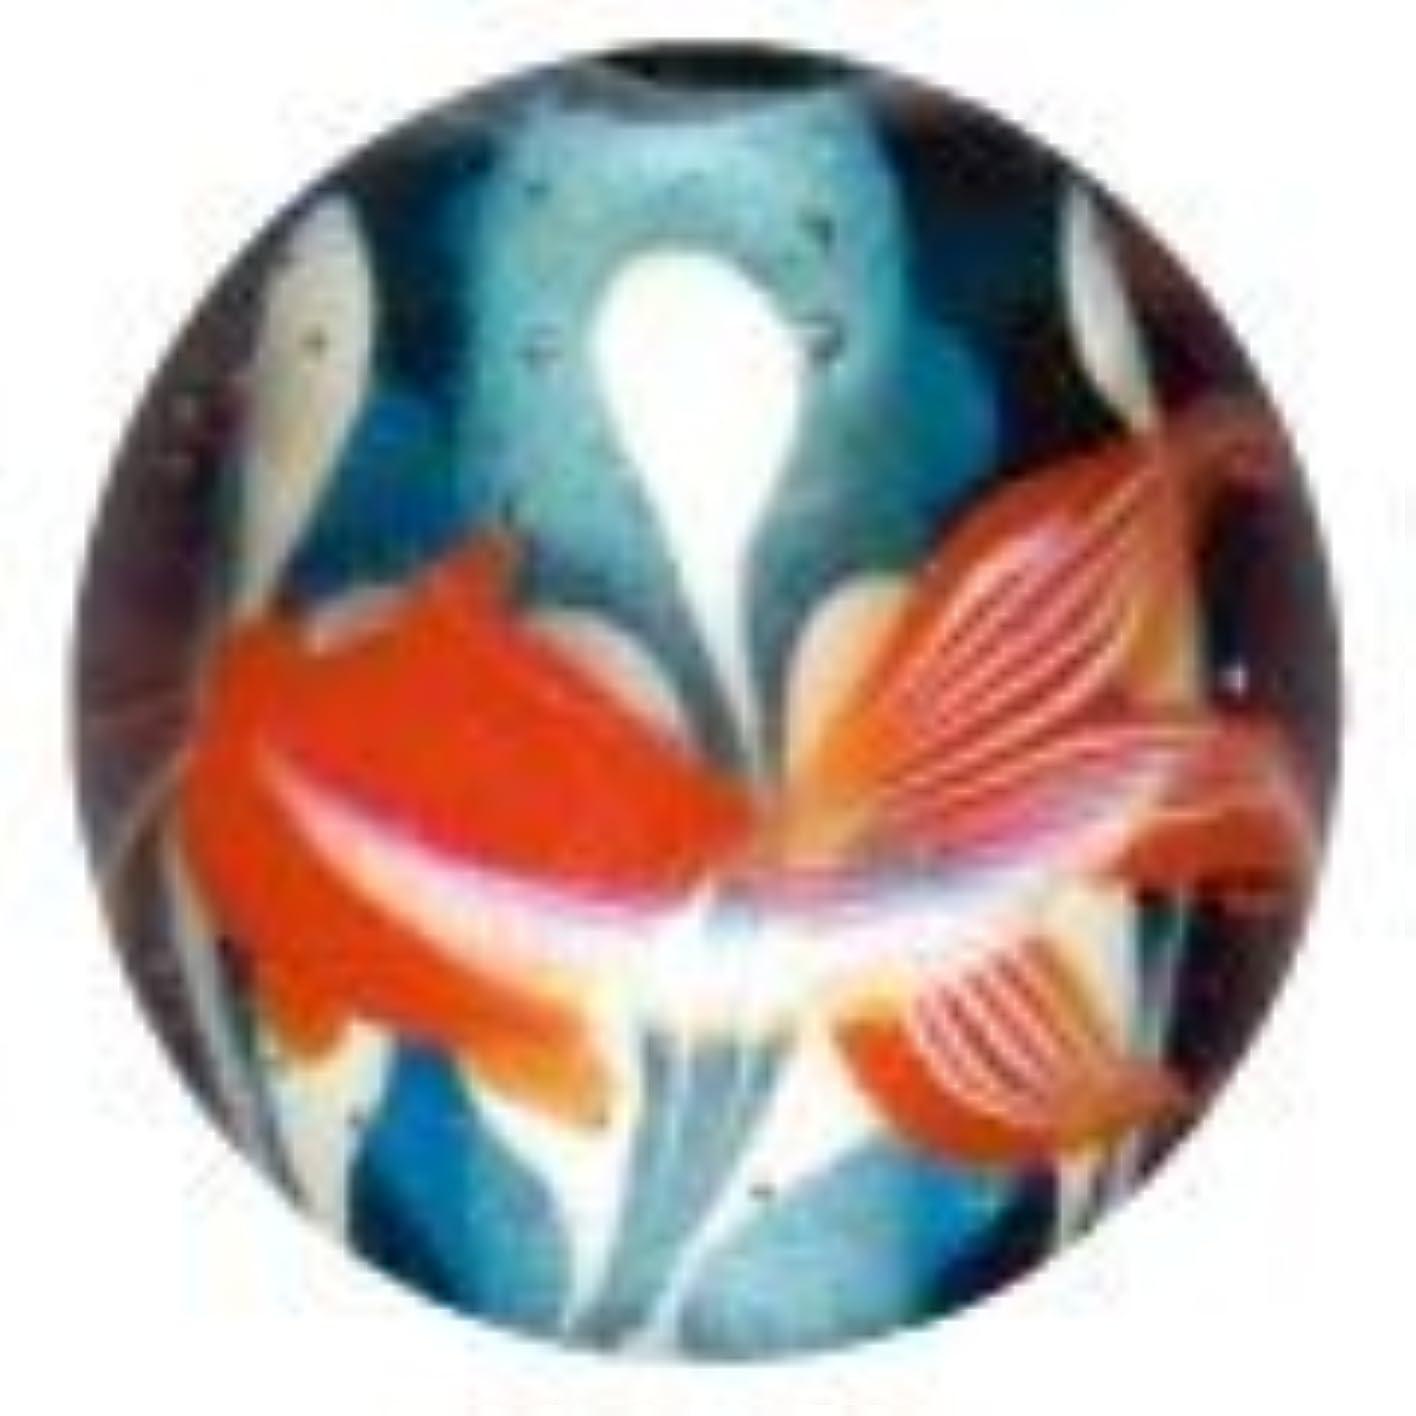 予感技術的なモネとんぼ玉 金魚